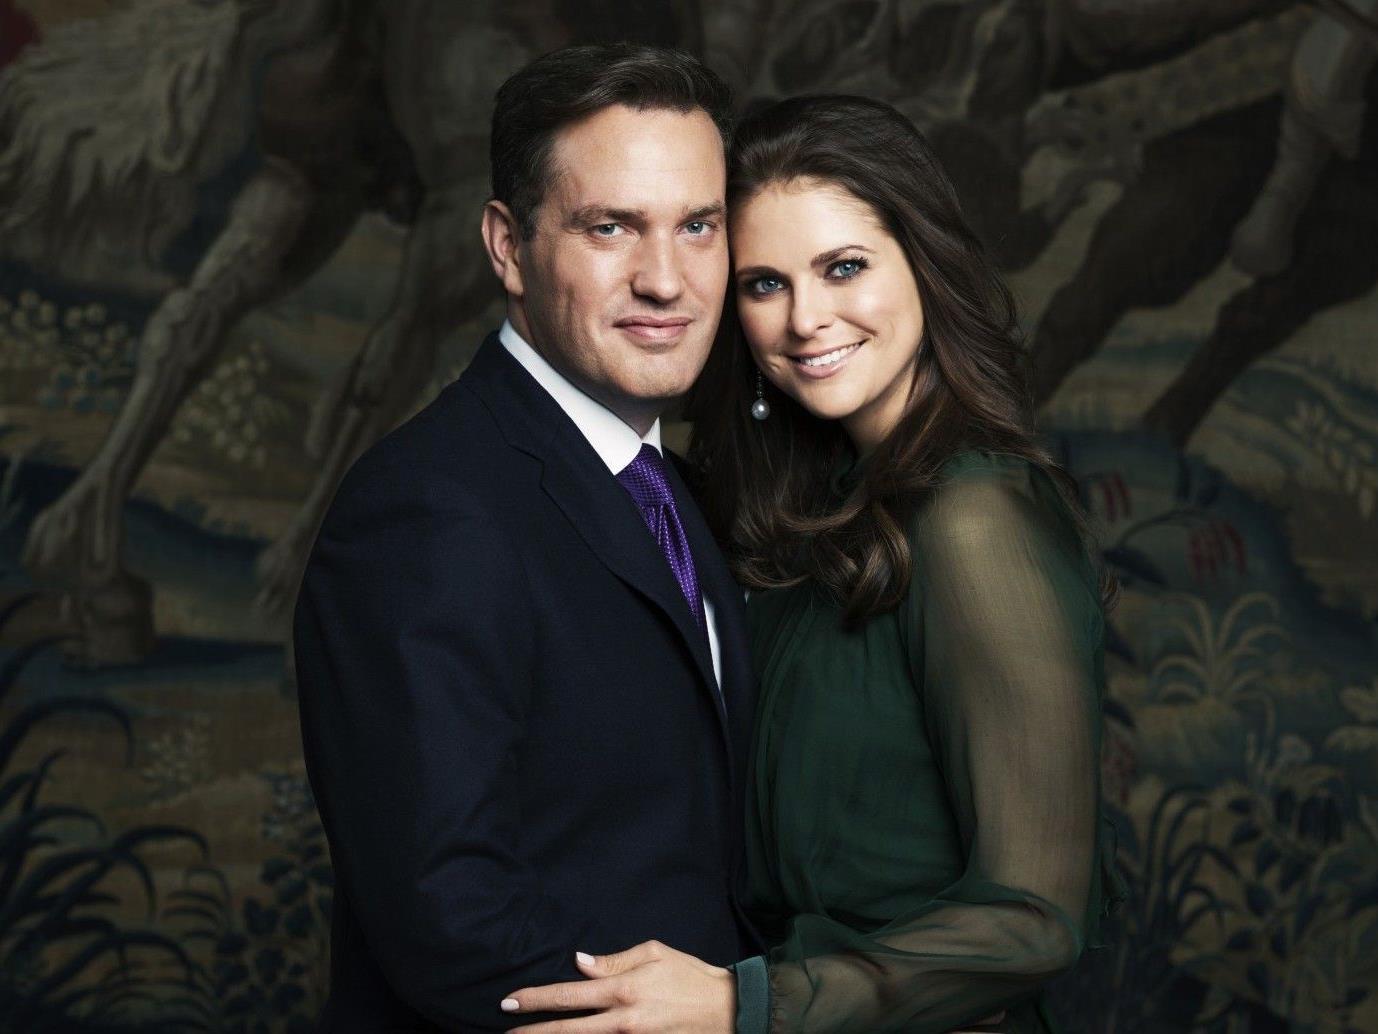 Die Schwedische Prinzessin Madeleine mit ihrem Verlobten dem US-amerikanischen Geschäftsmann Chris O'Neill.